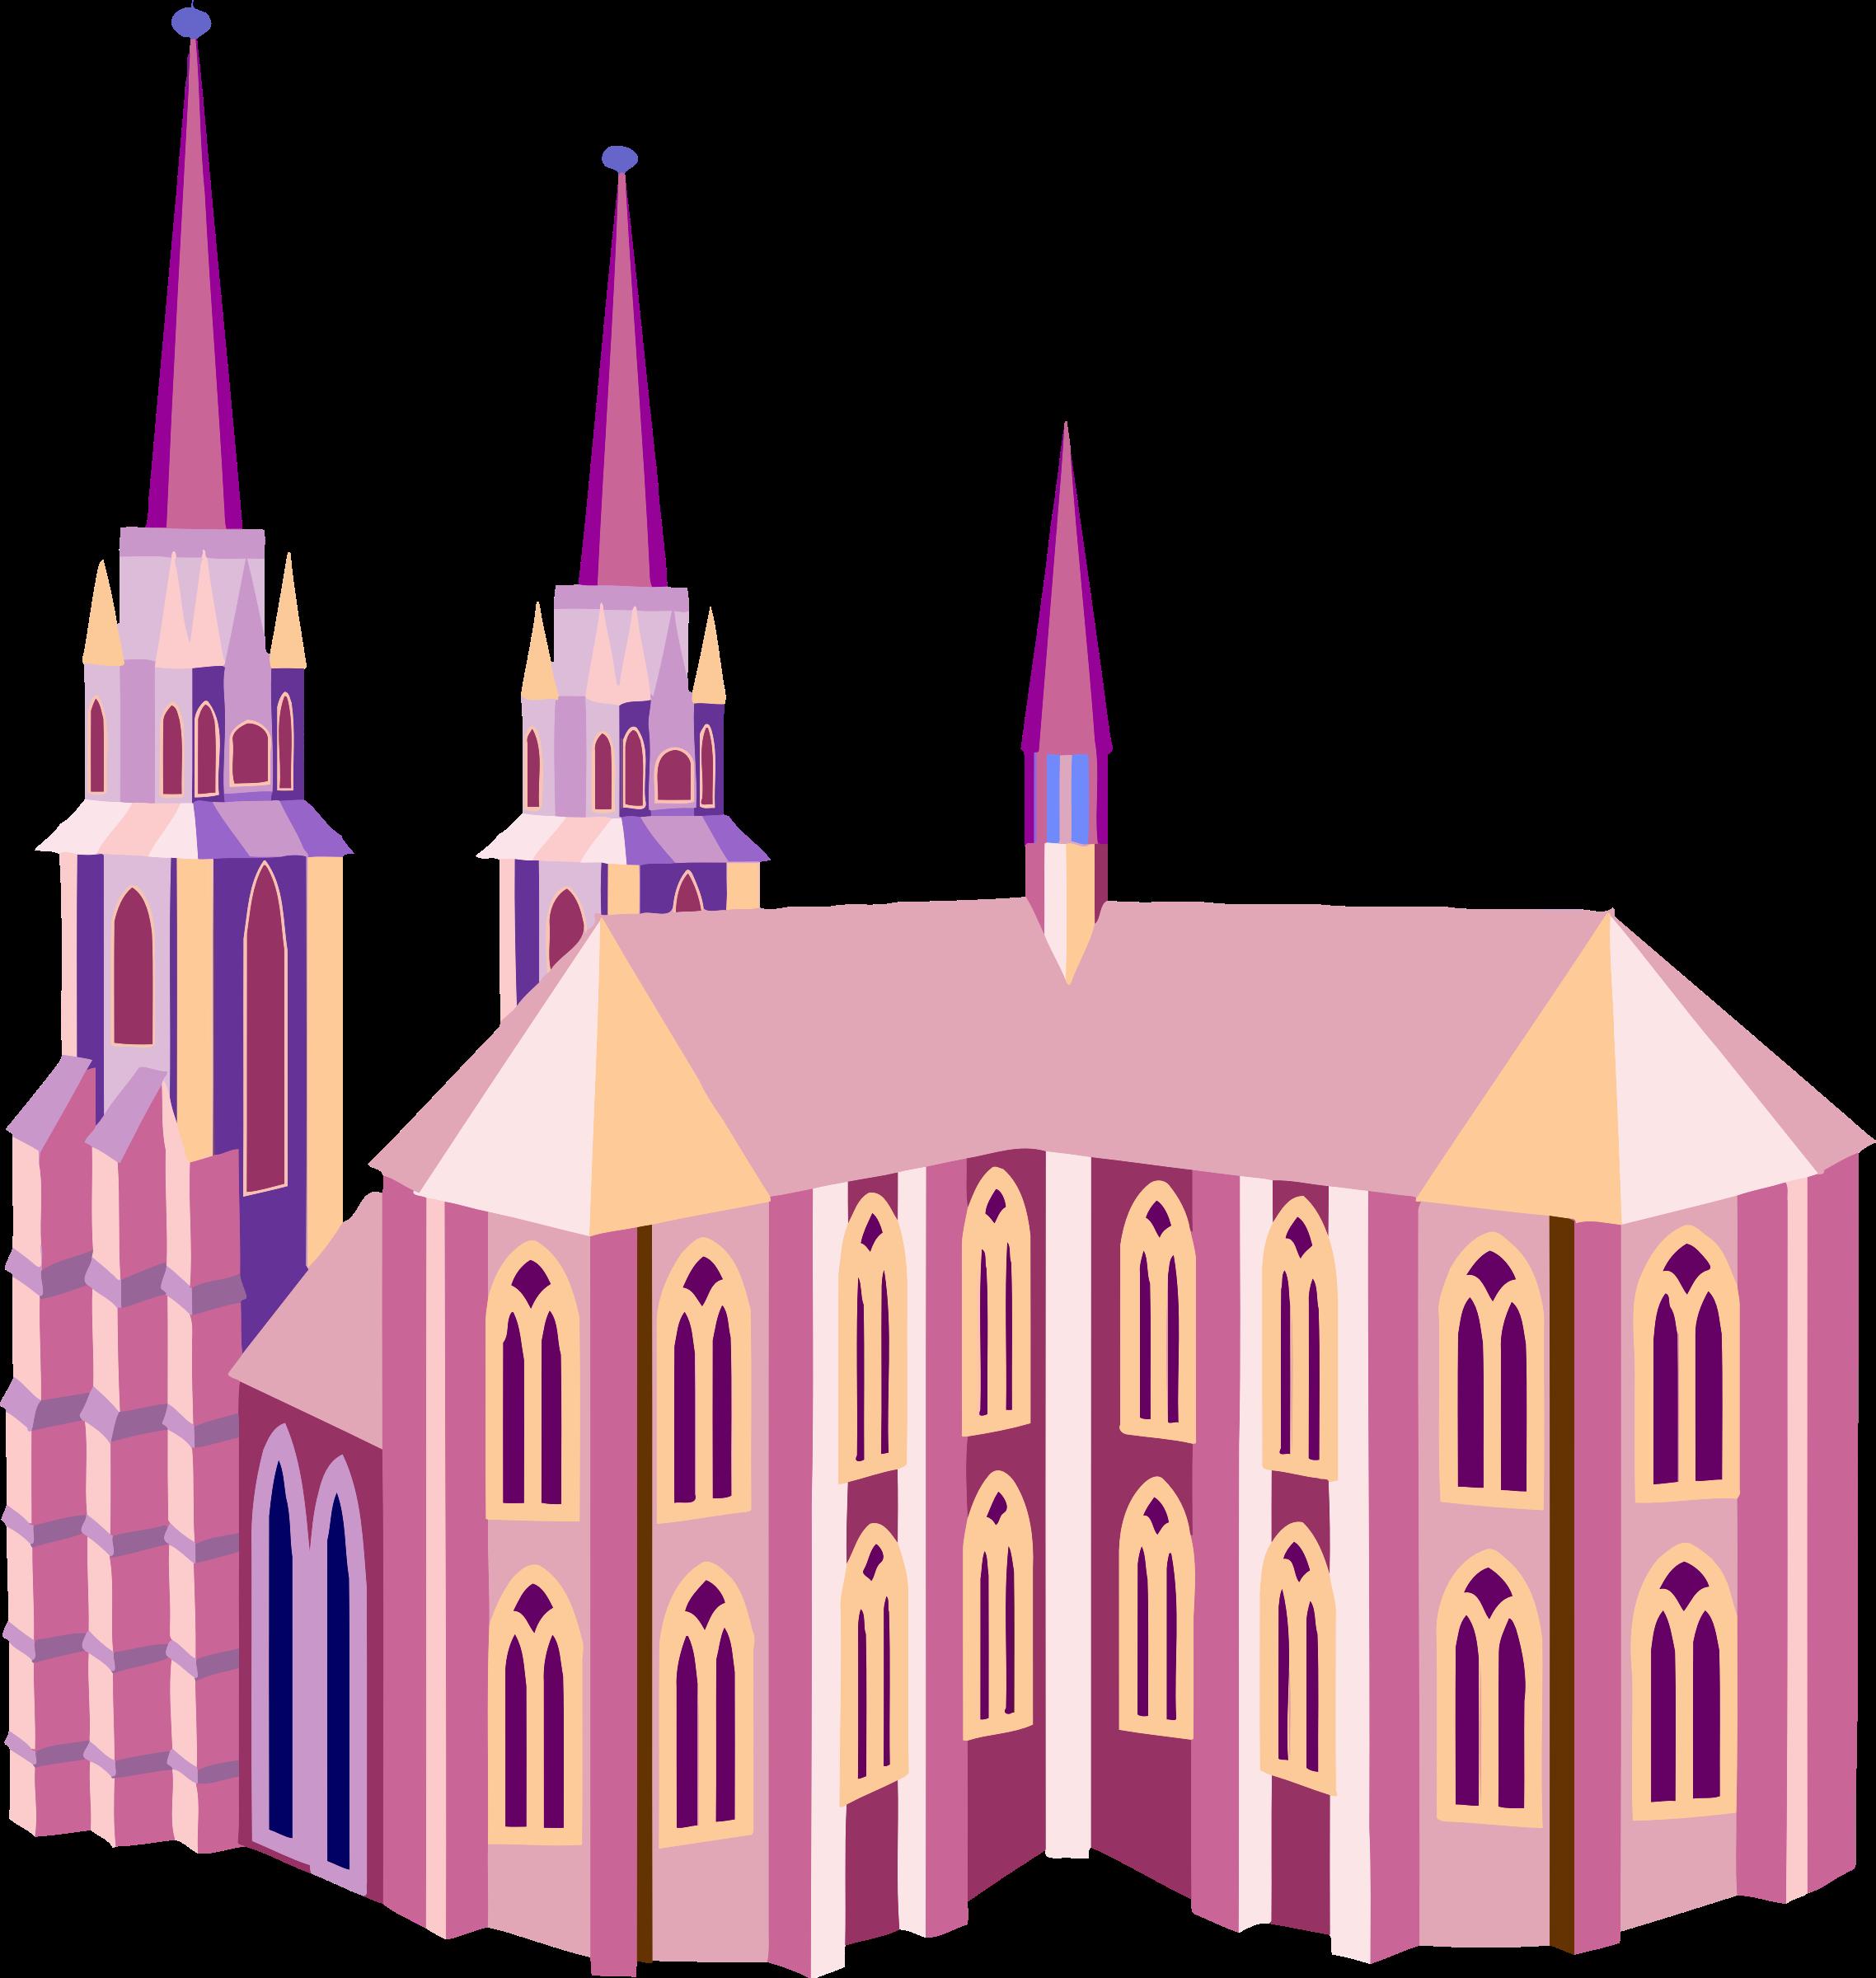 Fairytale big image png. Purple clipart castle